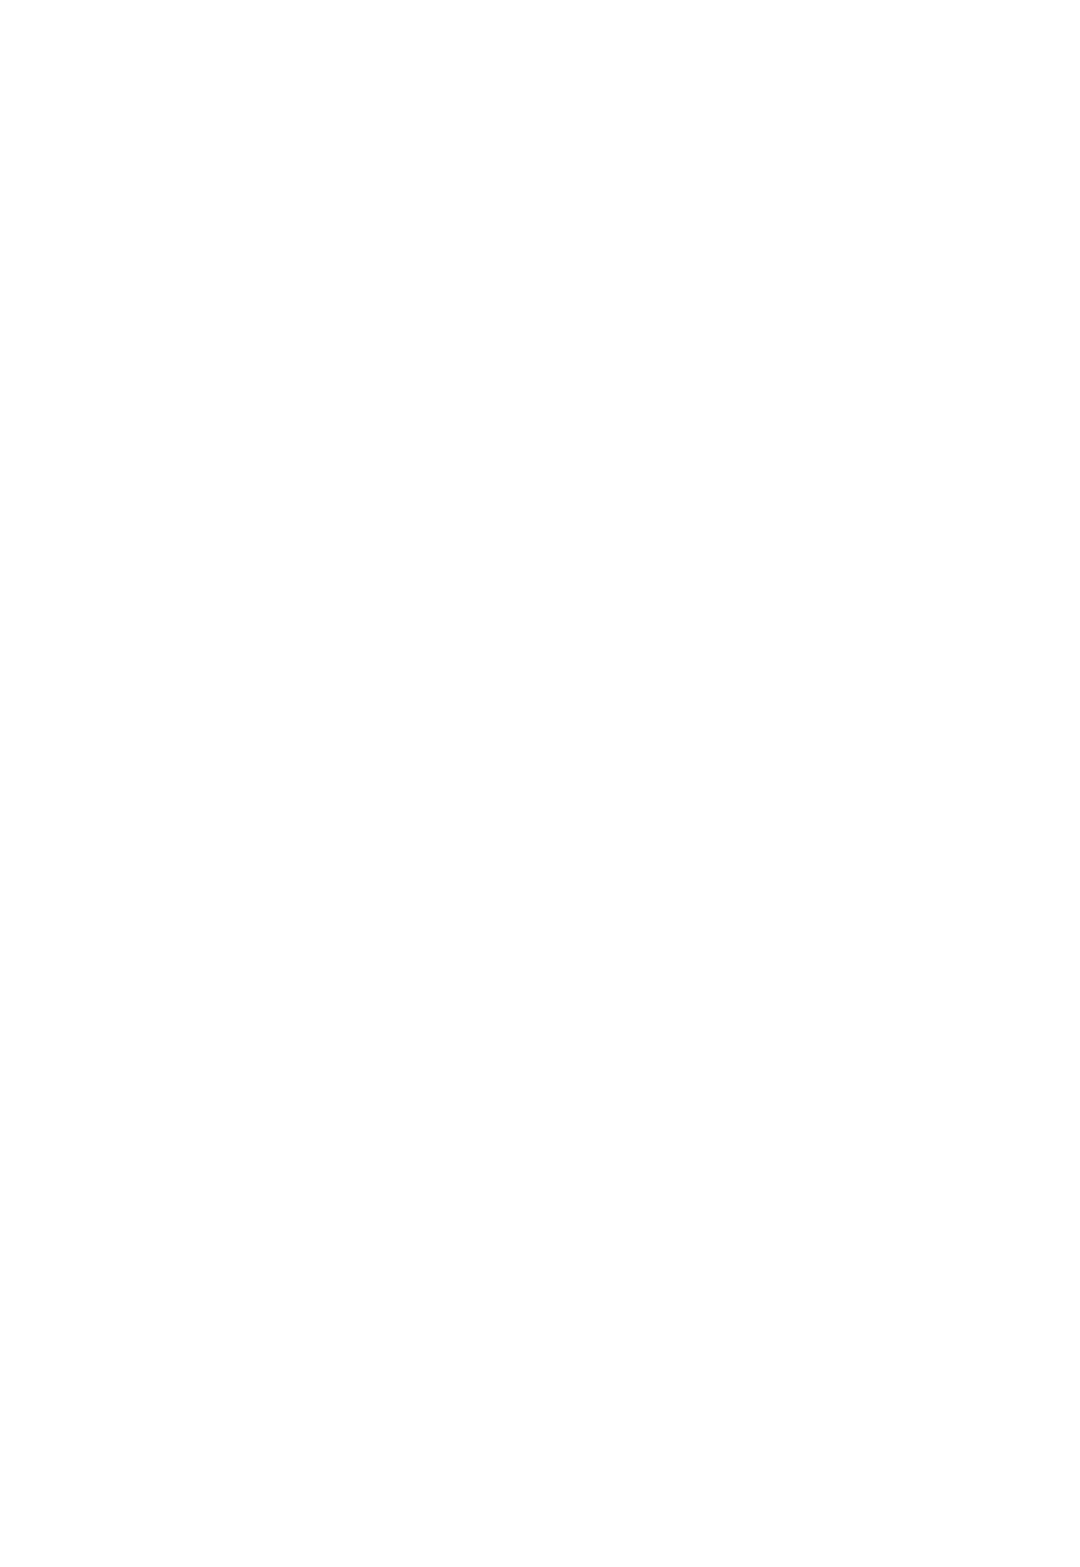 【SAOエロ漫画】悪堕ちしたアスナの手によって調教された詩乃は、触手や快楽責めにされると街中で公開中出しセックスで堕とされ牝奴隷化する【成海優】